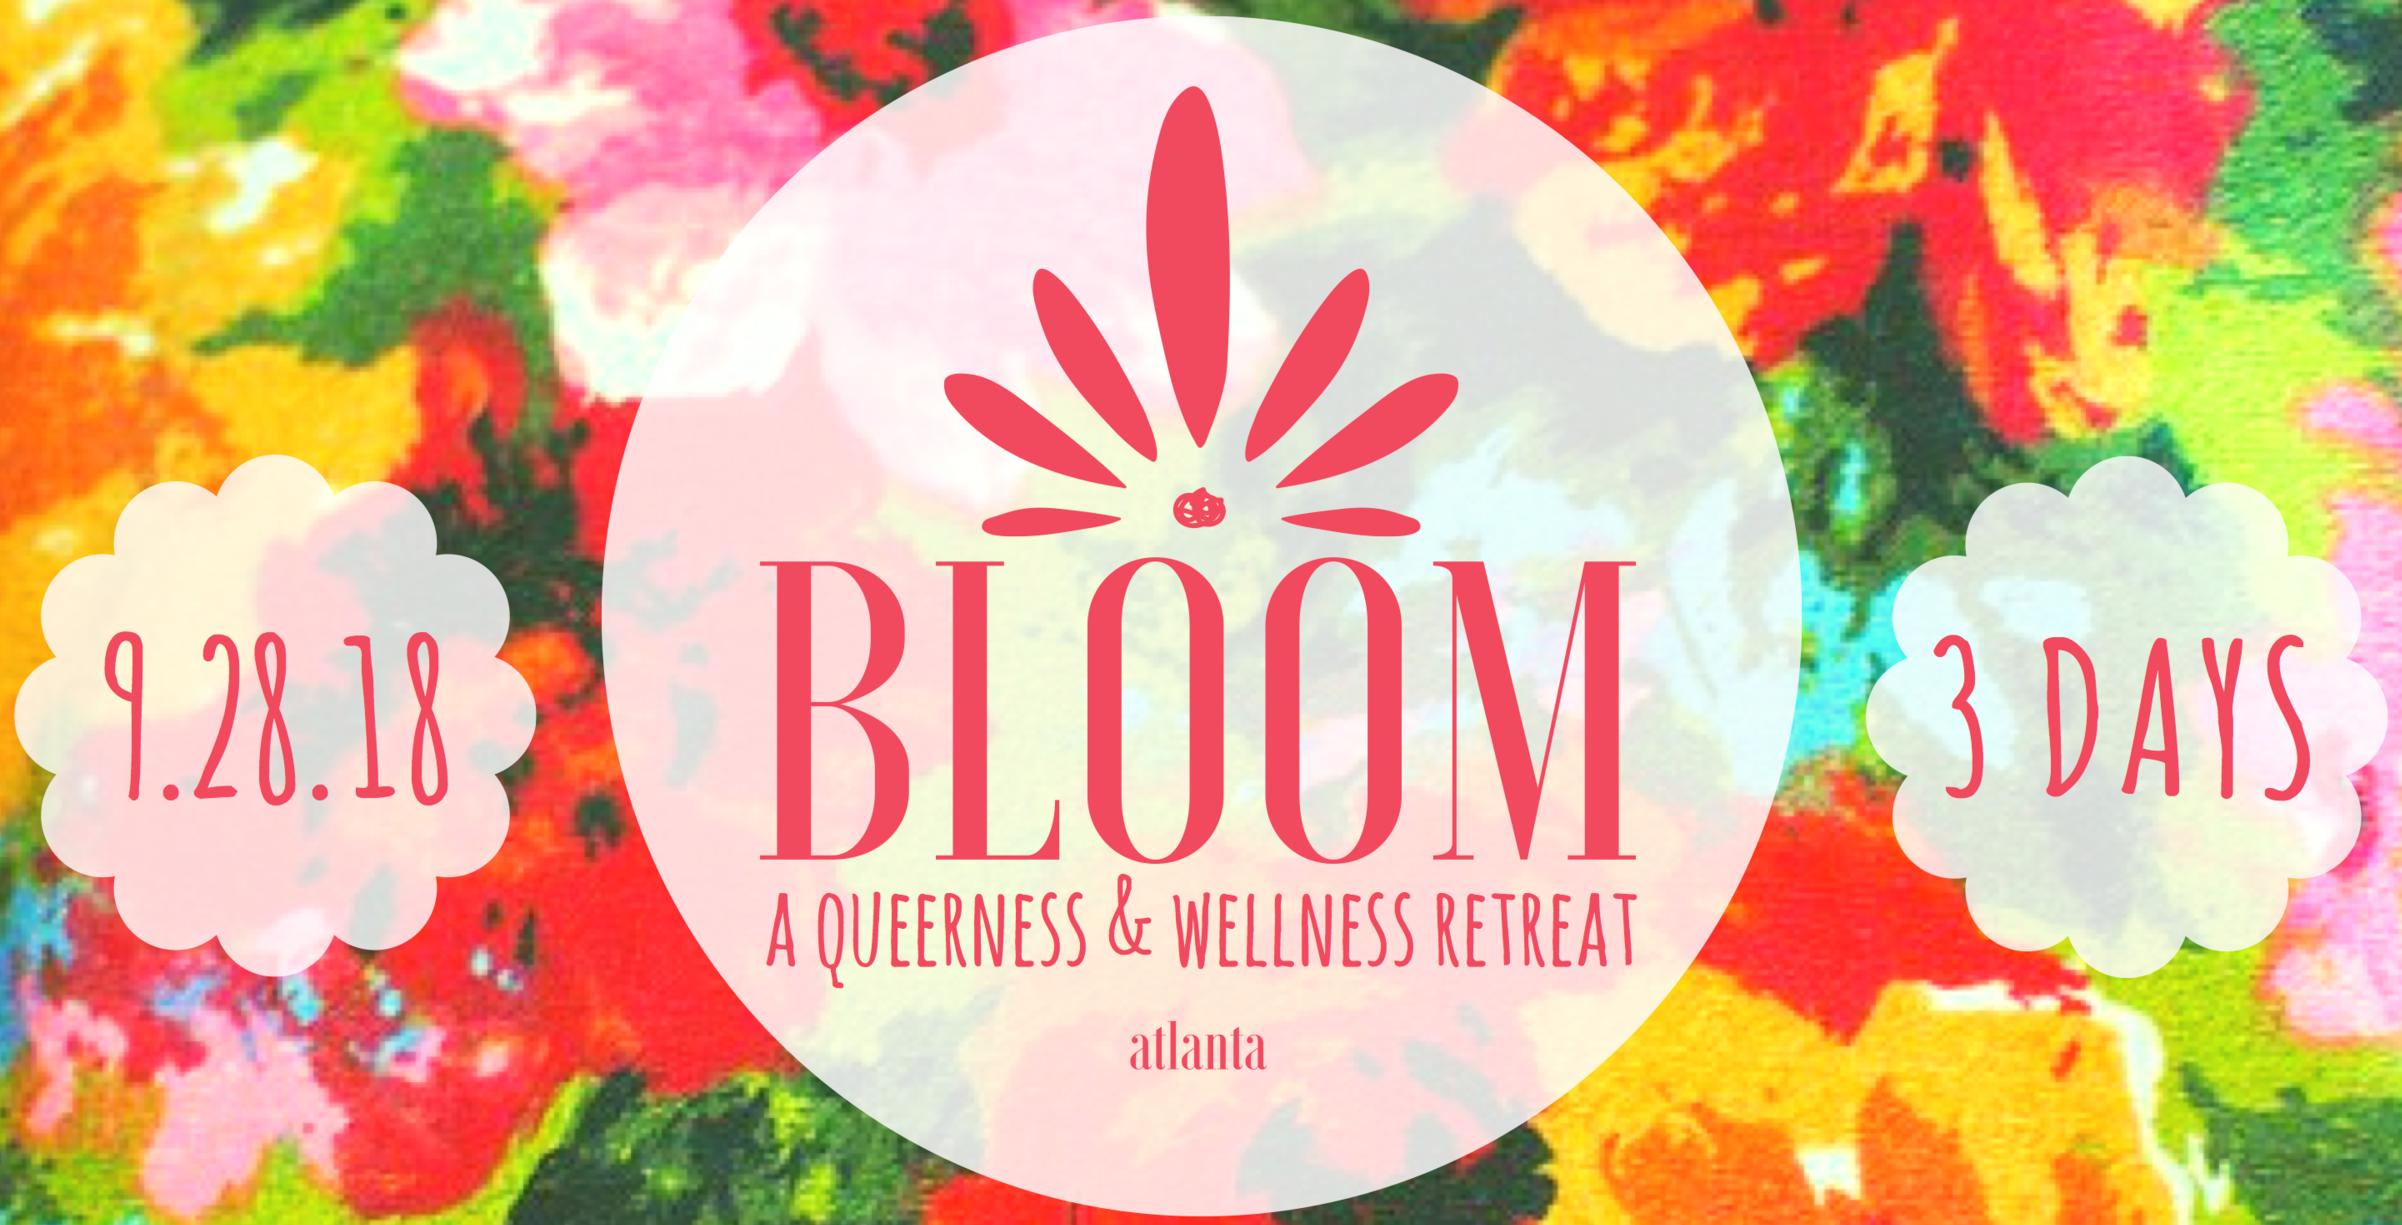 BLOOM queer yoga retreat atlanta